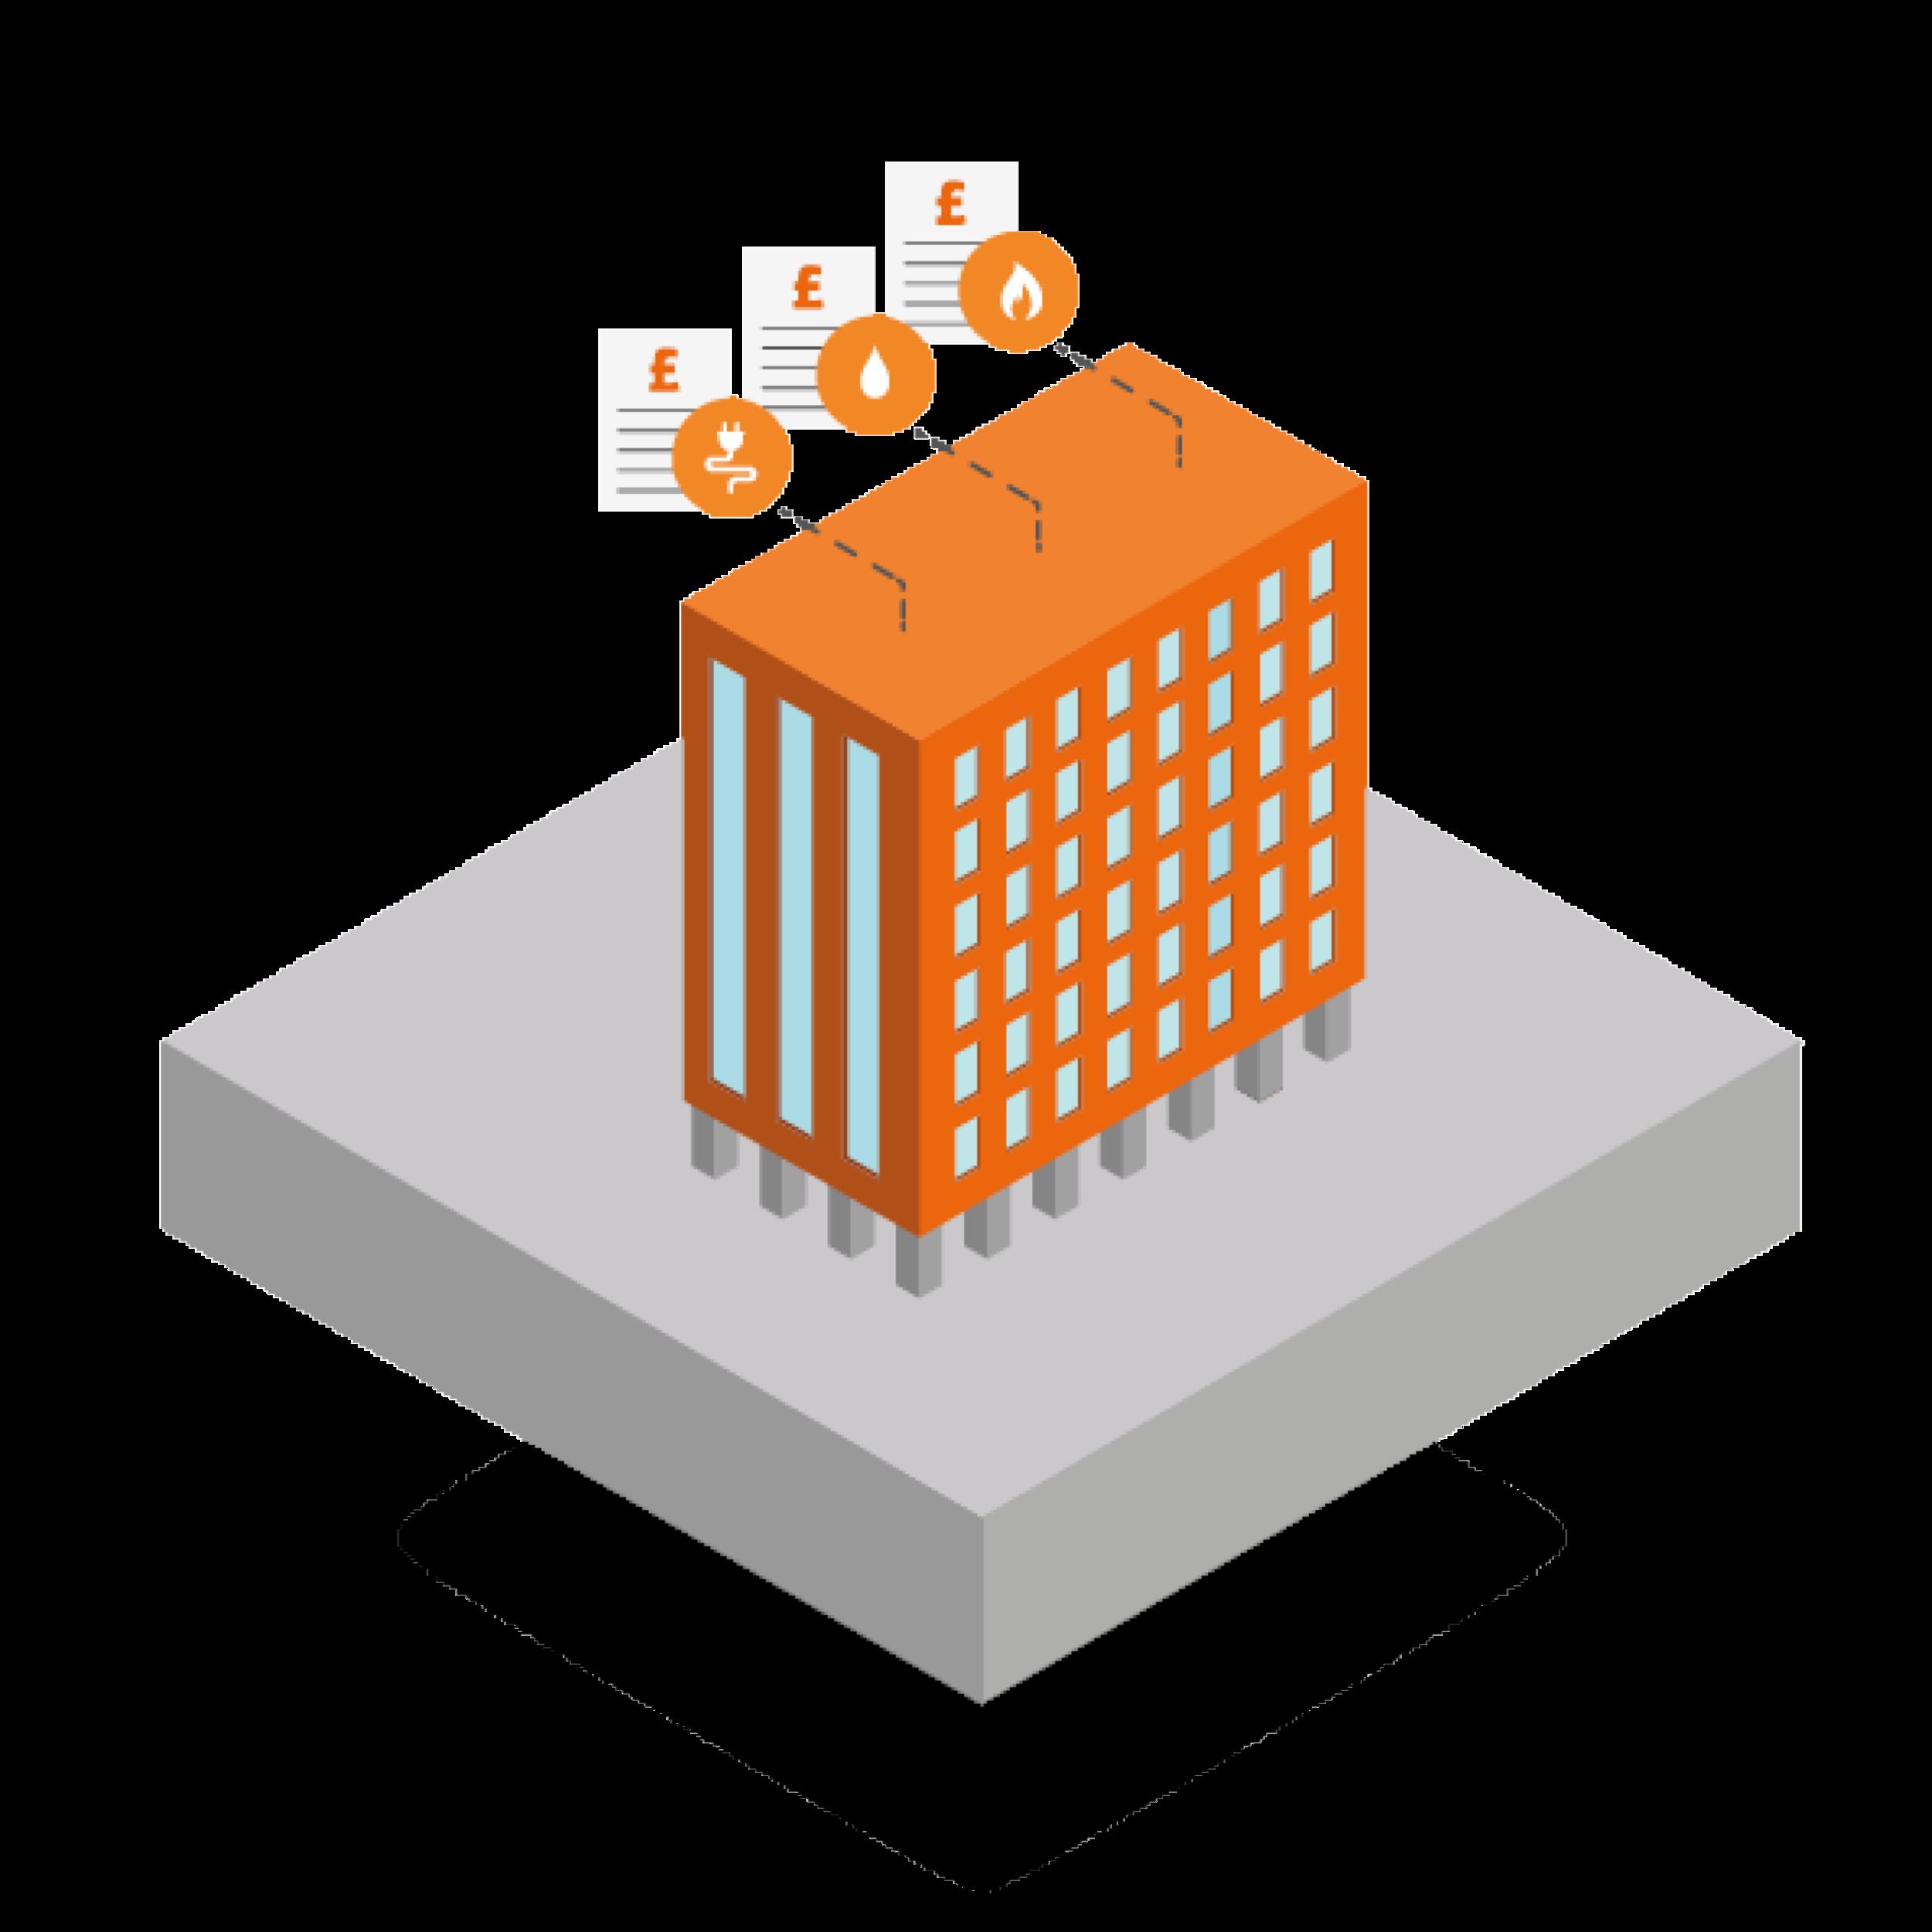 Bureau 3D Image (2).png